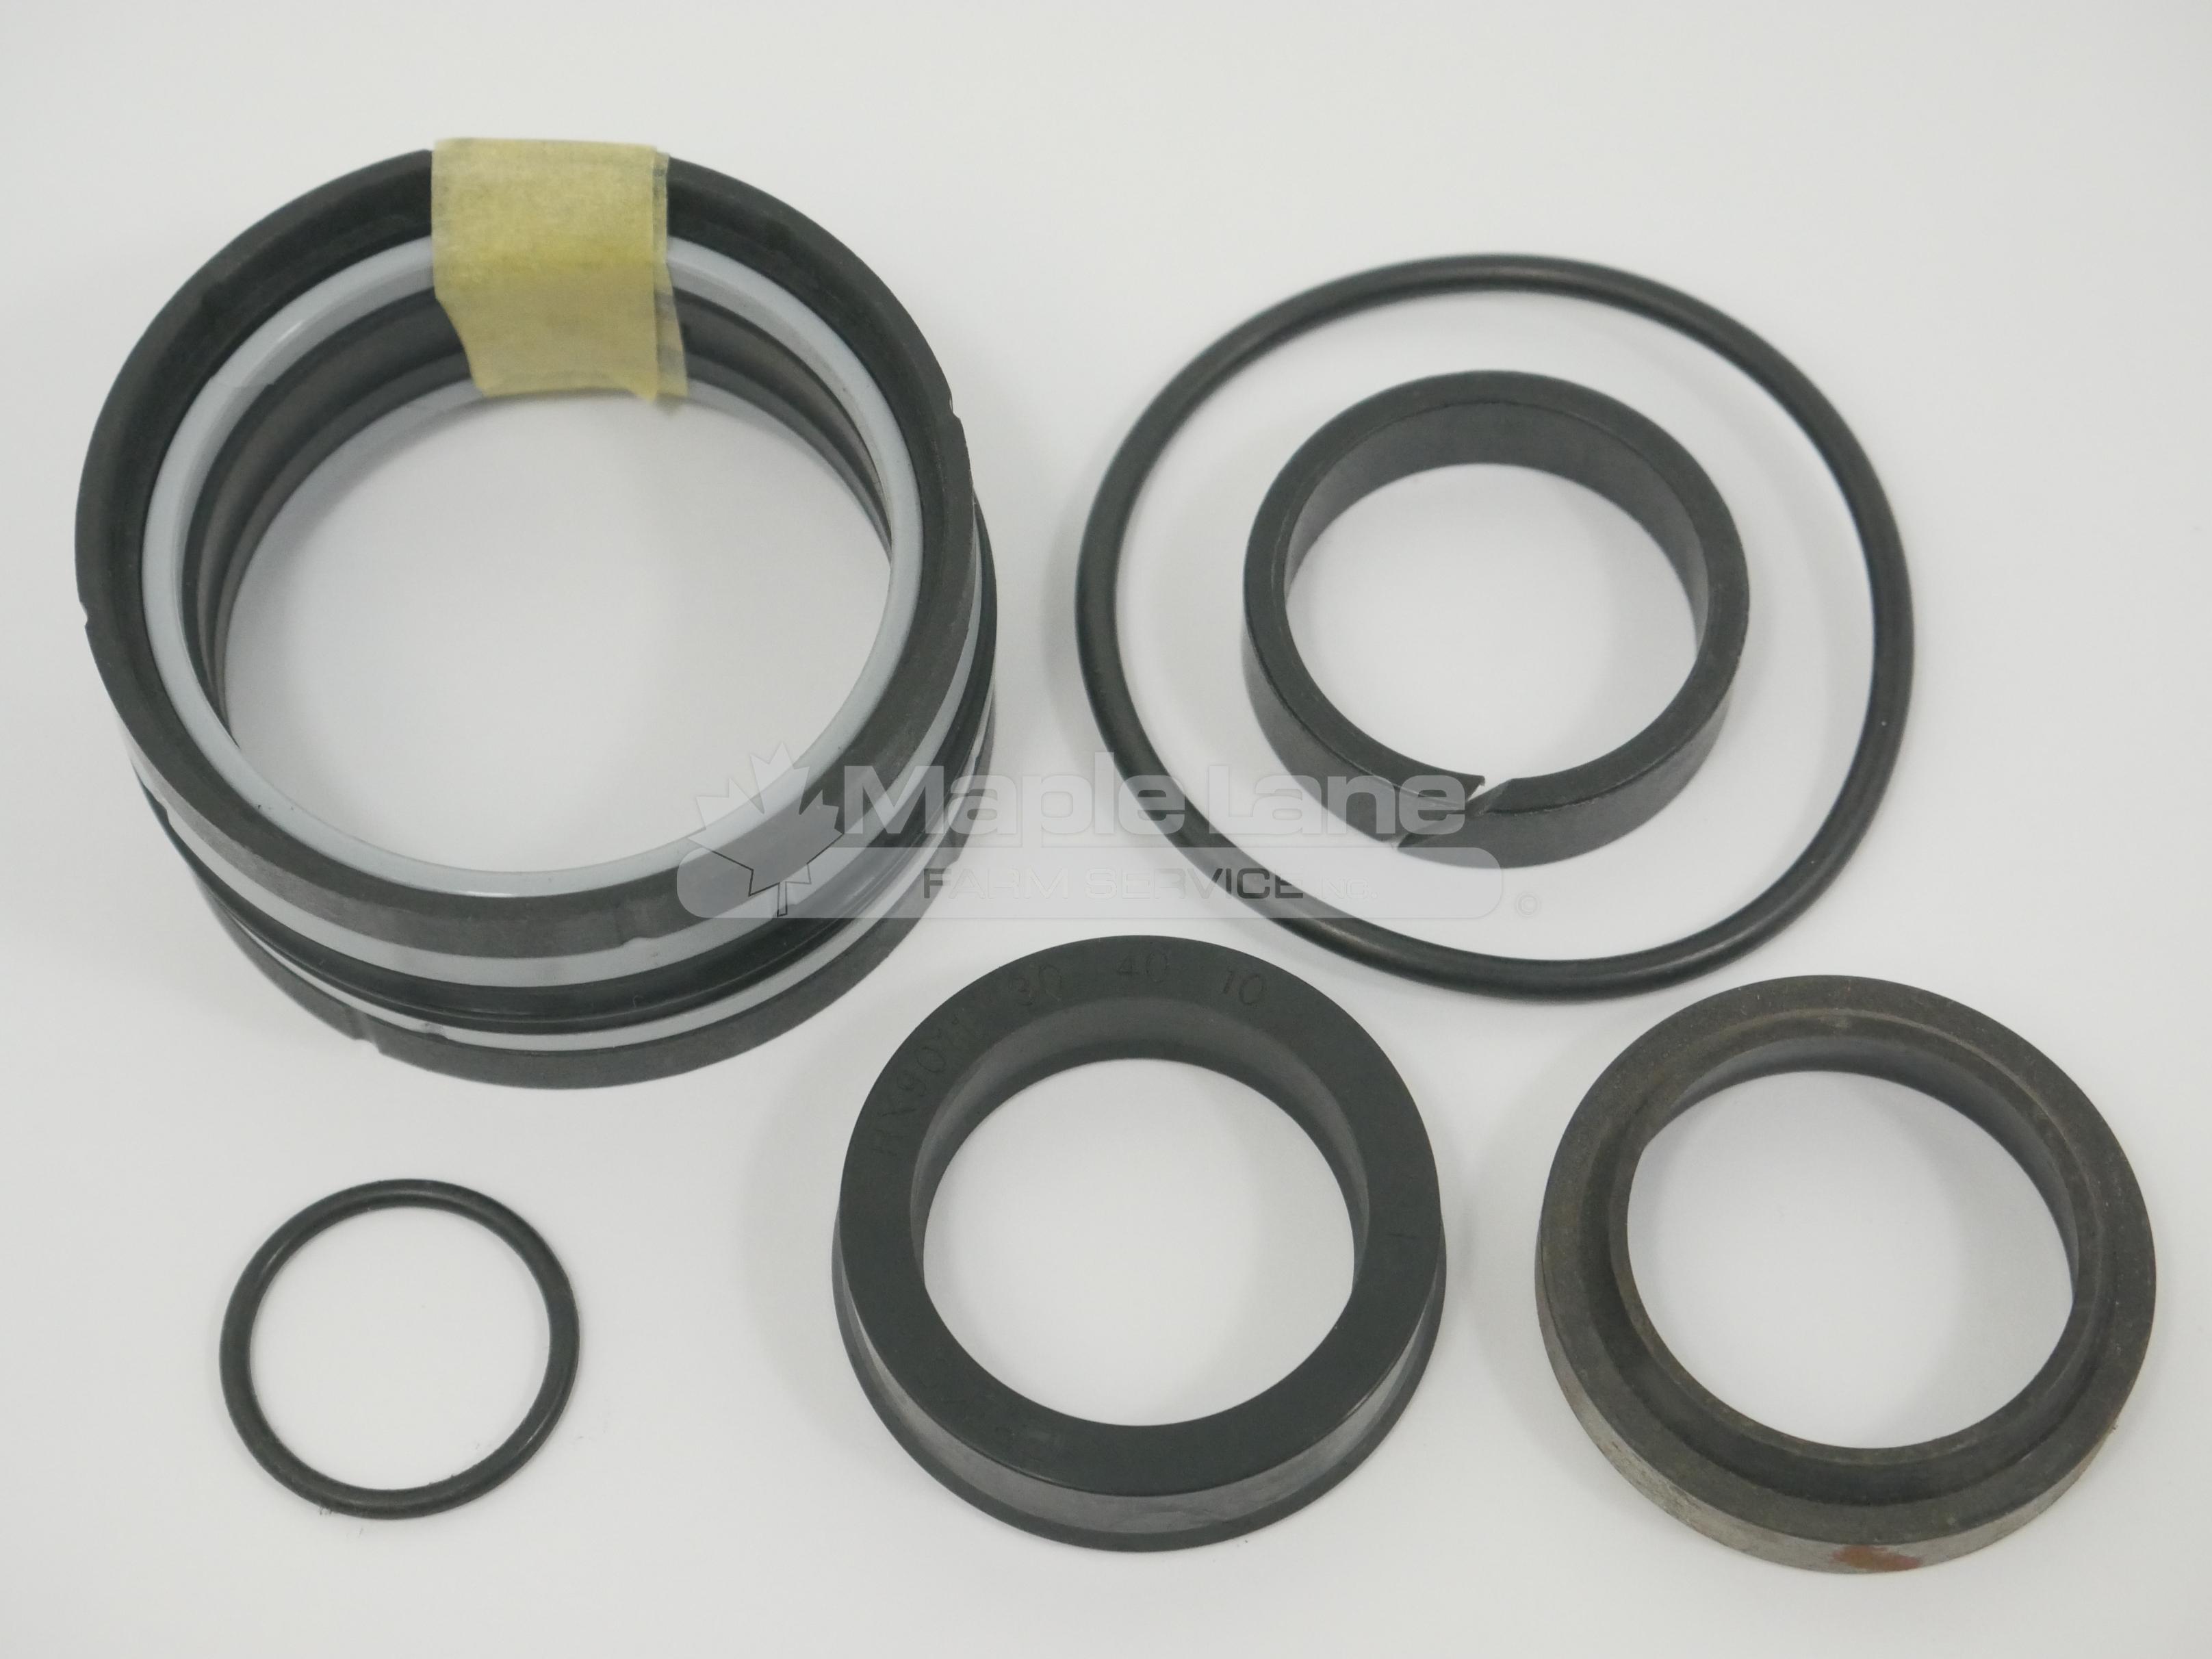 750693 Hydraulic Cylinder Seal Kit